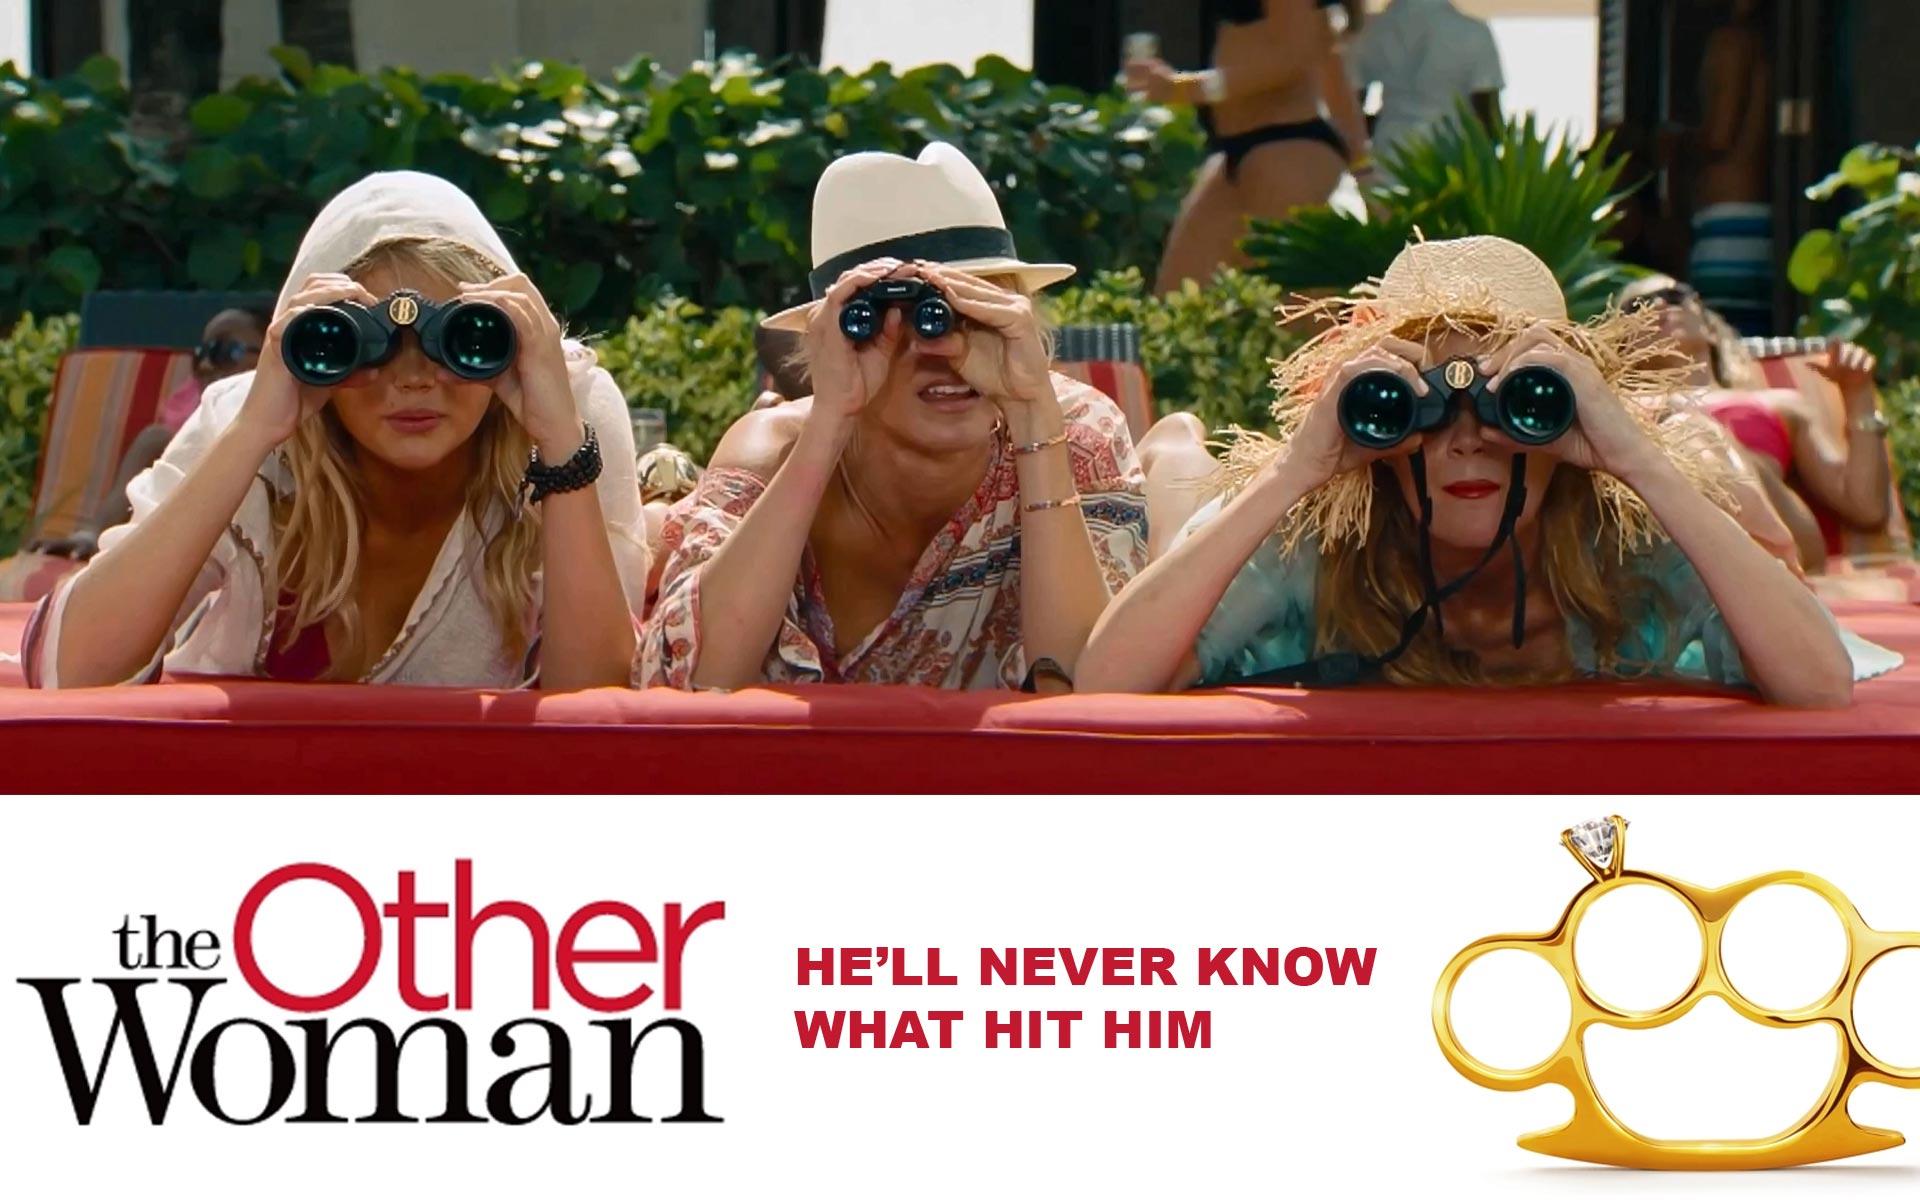 Кадры из фильма смотреть фильм другая женщина фильм 2014 смотреть